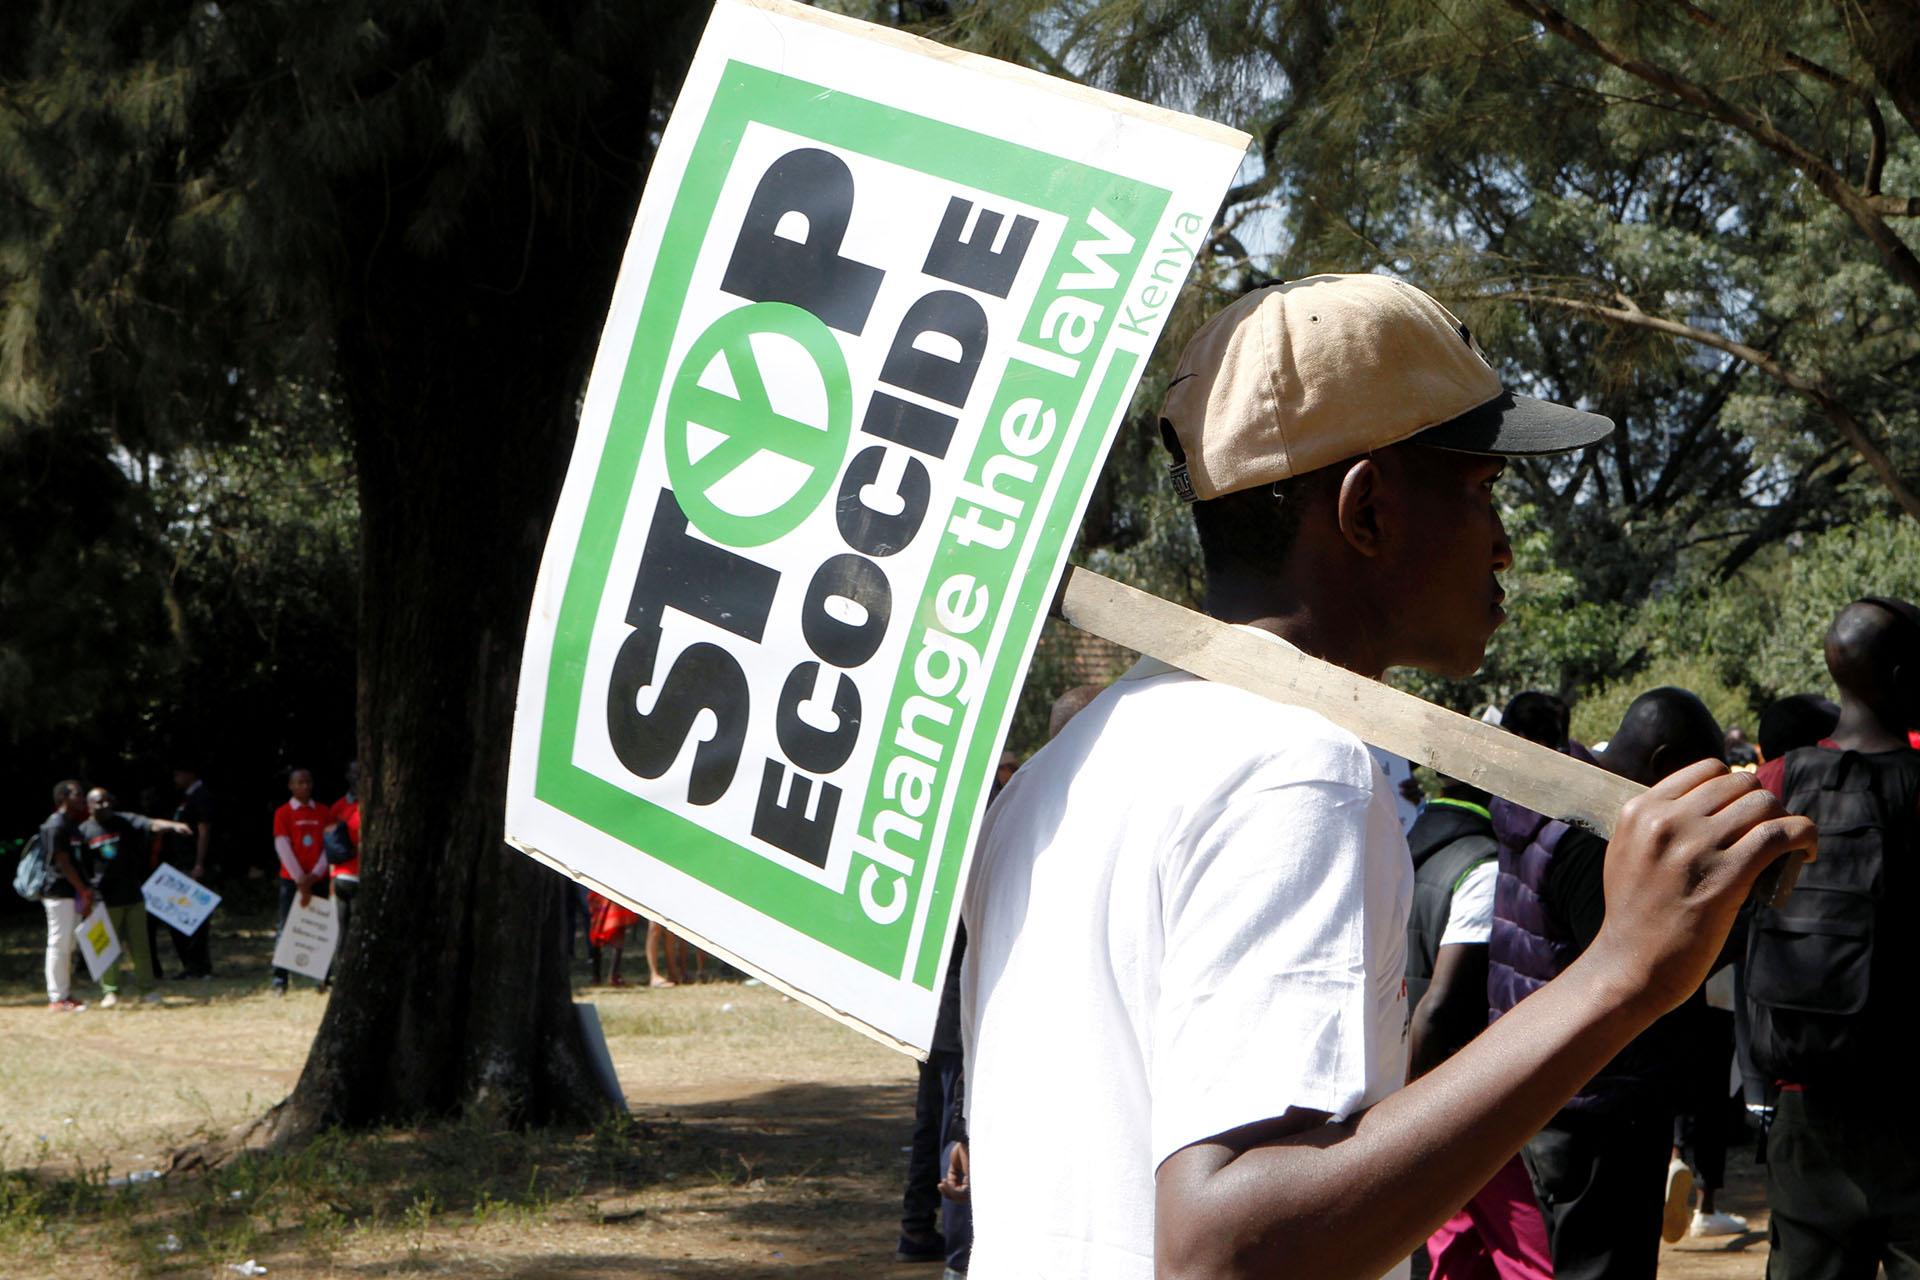 """""""Detengan el ecocidio"""" dice el cartel que lleva uno de los manifestantes en Nairobi (REUTERS/Njeri Mwangi)"""